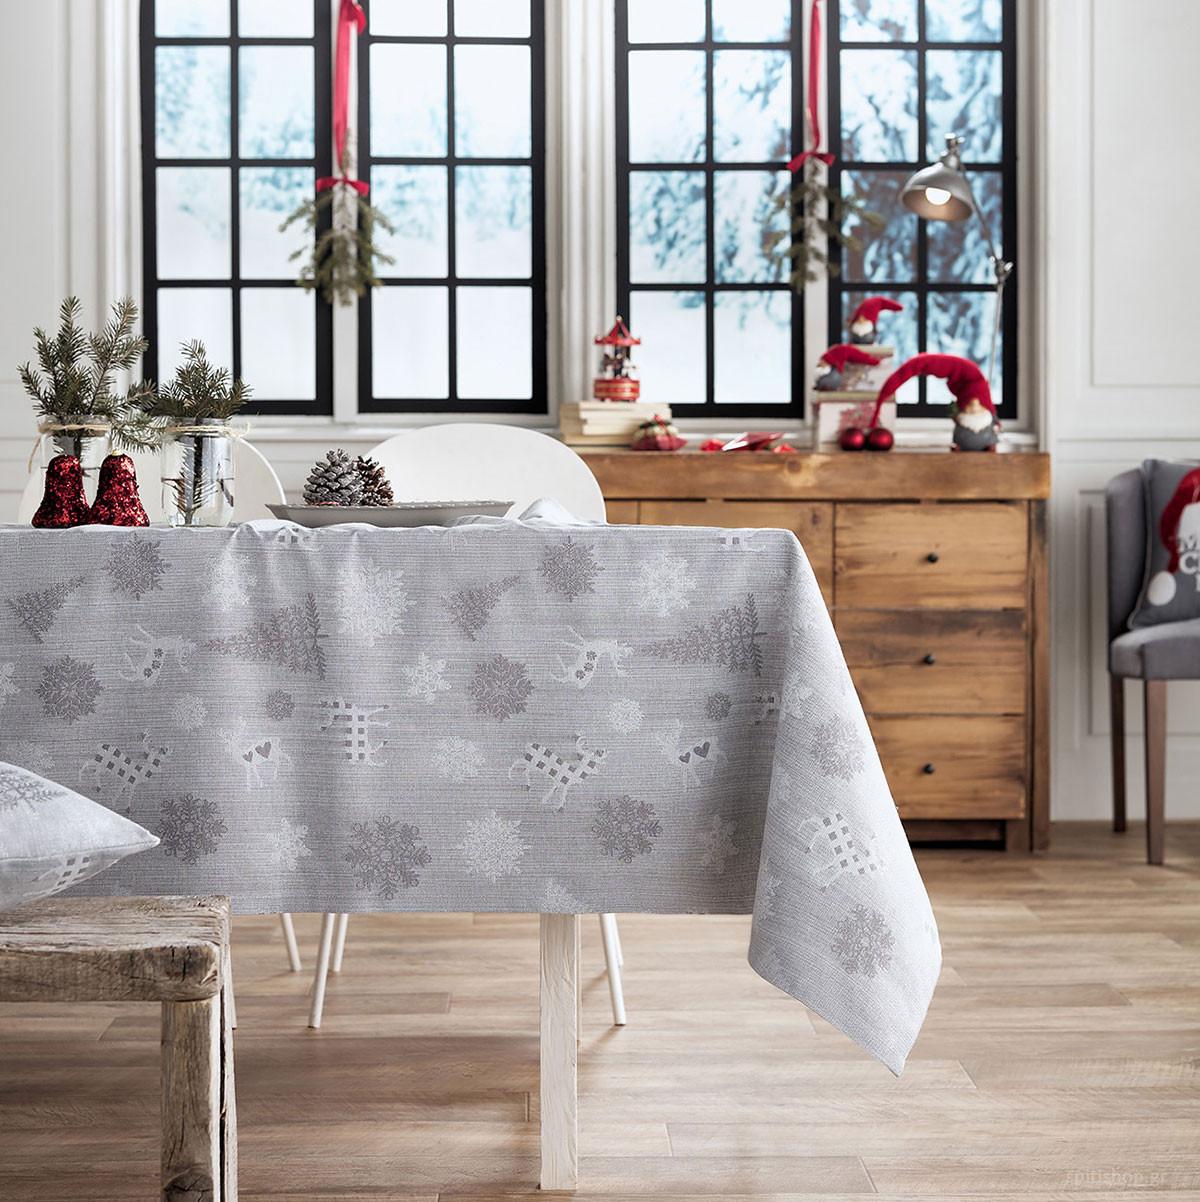 Χριστουγεννιάτικο Τραπεζομάντηλο (135×260) Gofis Home 285/15